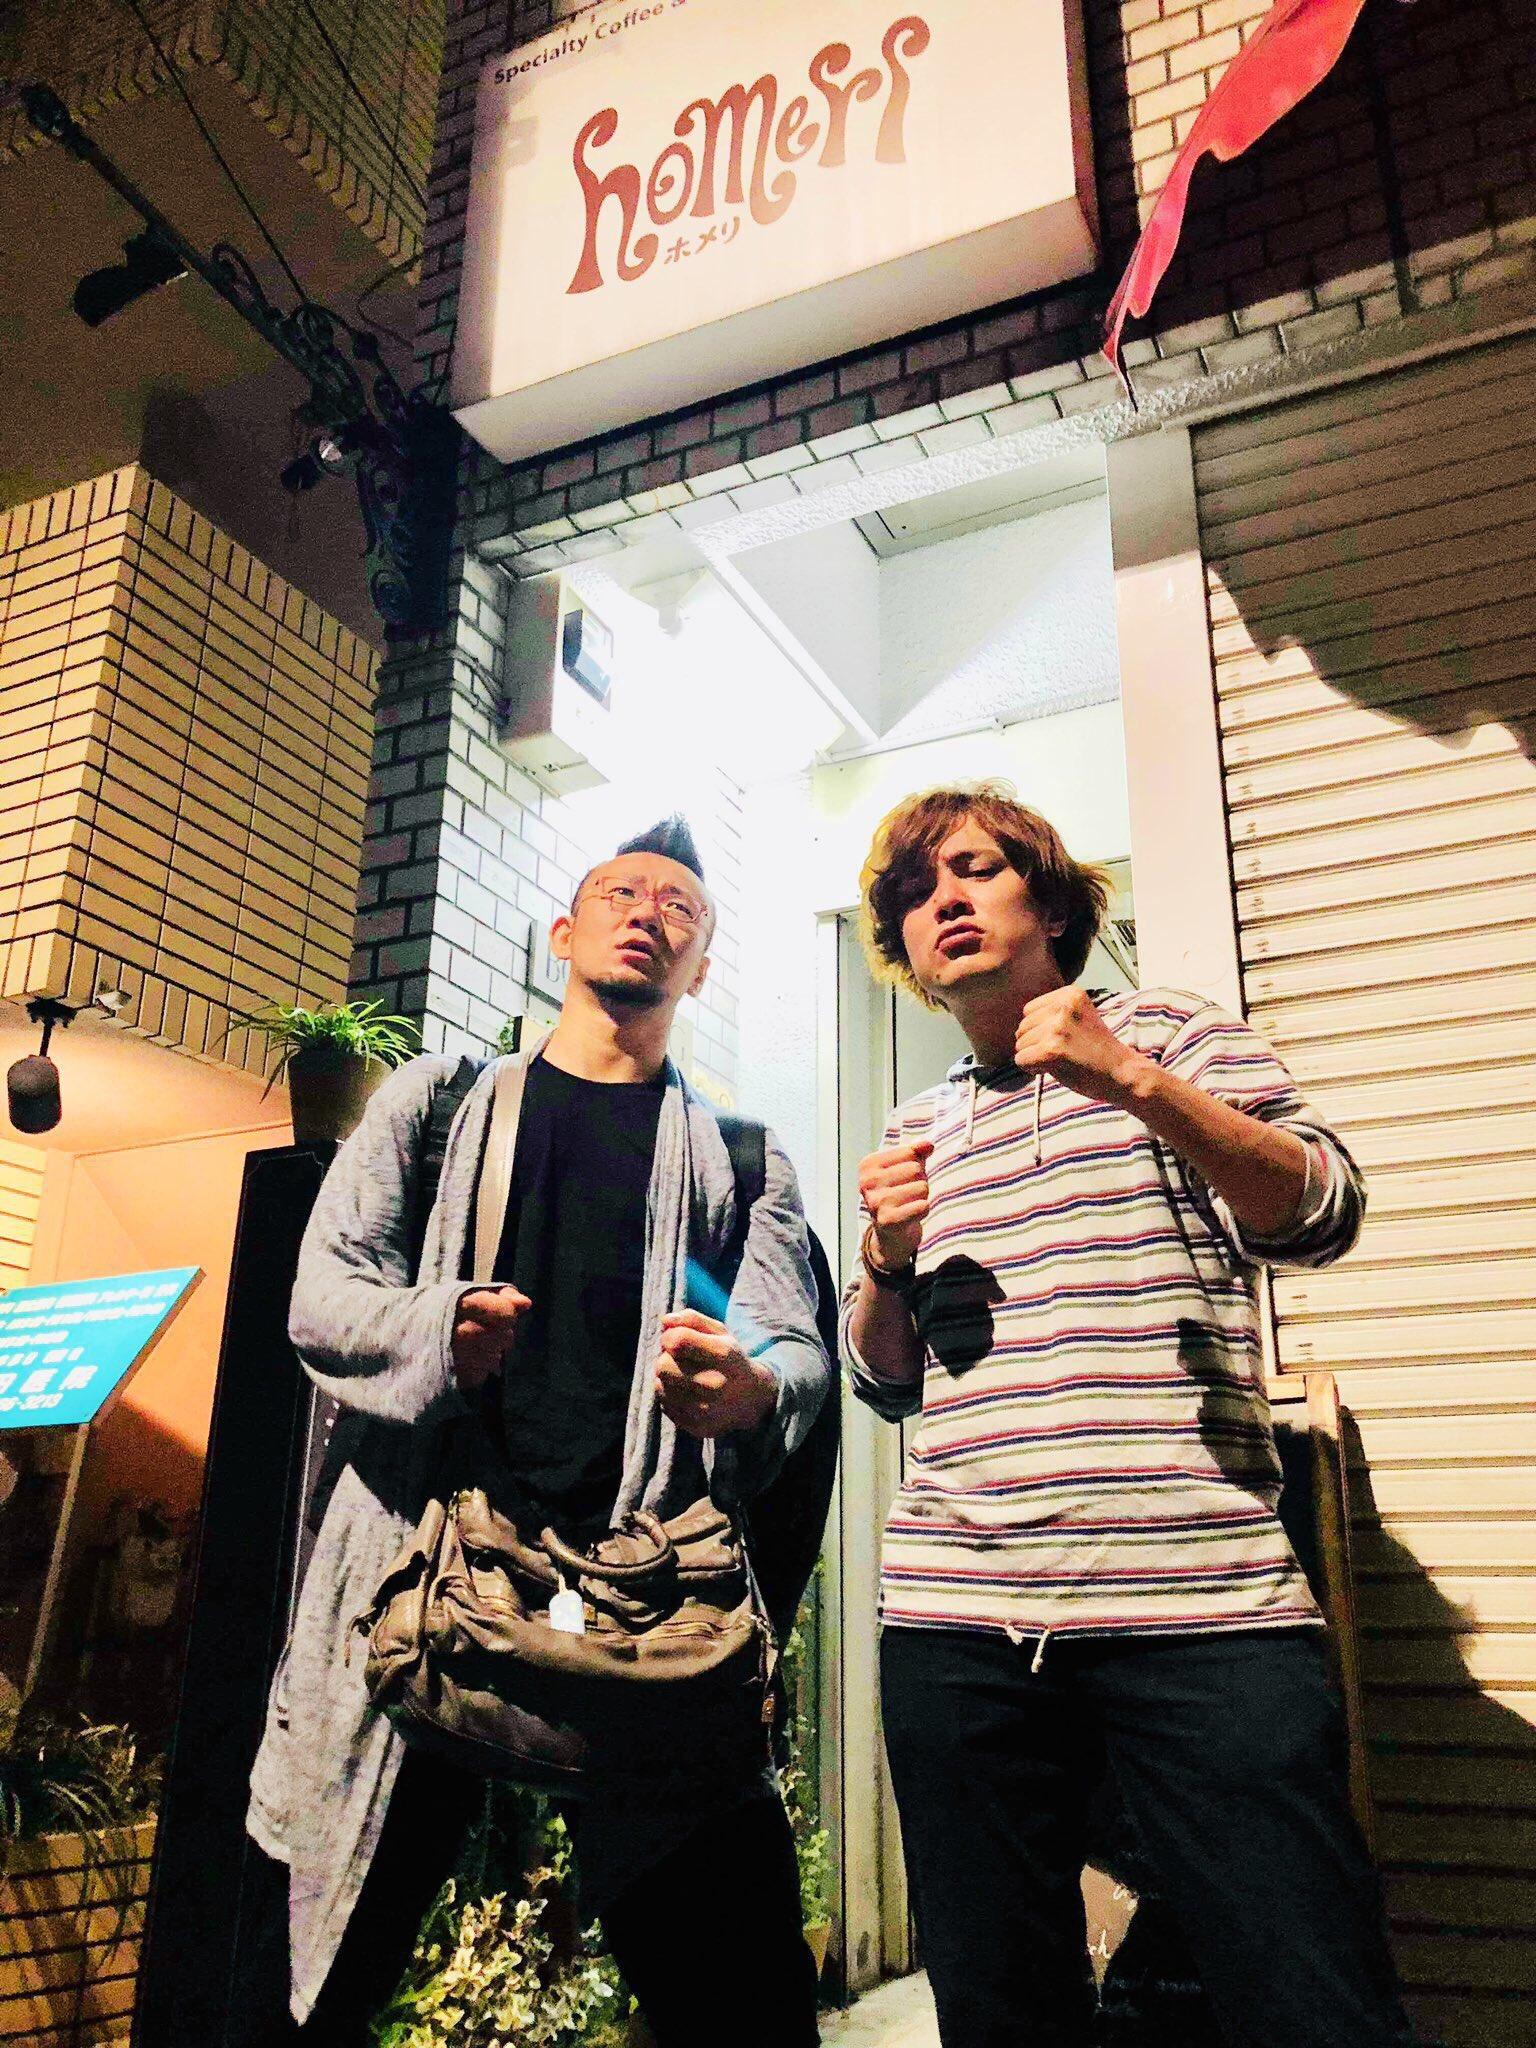 「2/11【マルコ】都丸智栄acc×秦コータロー」のアイキャッチ画像